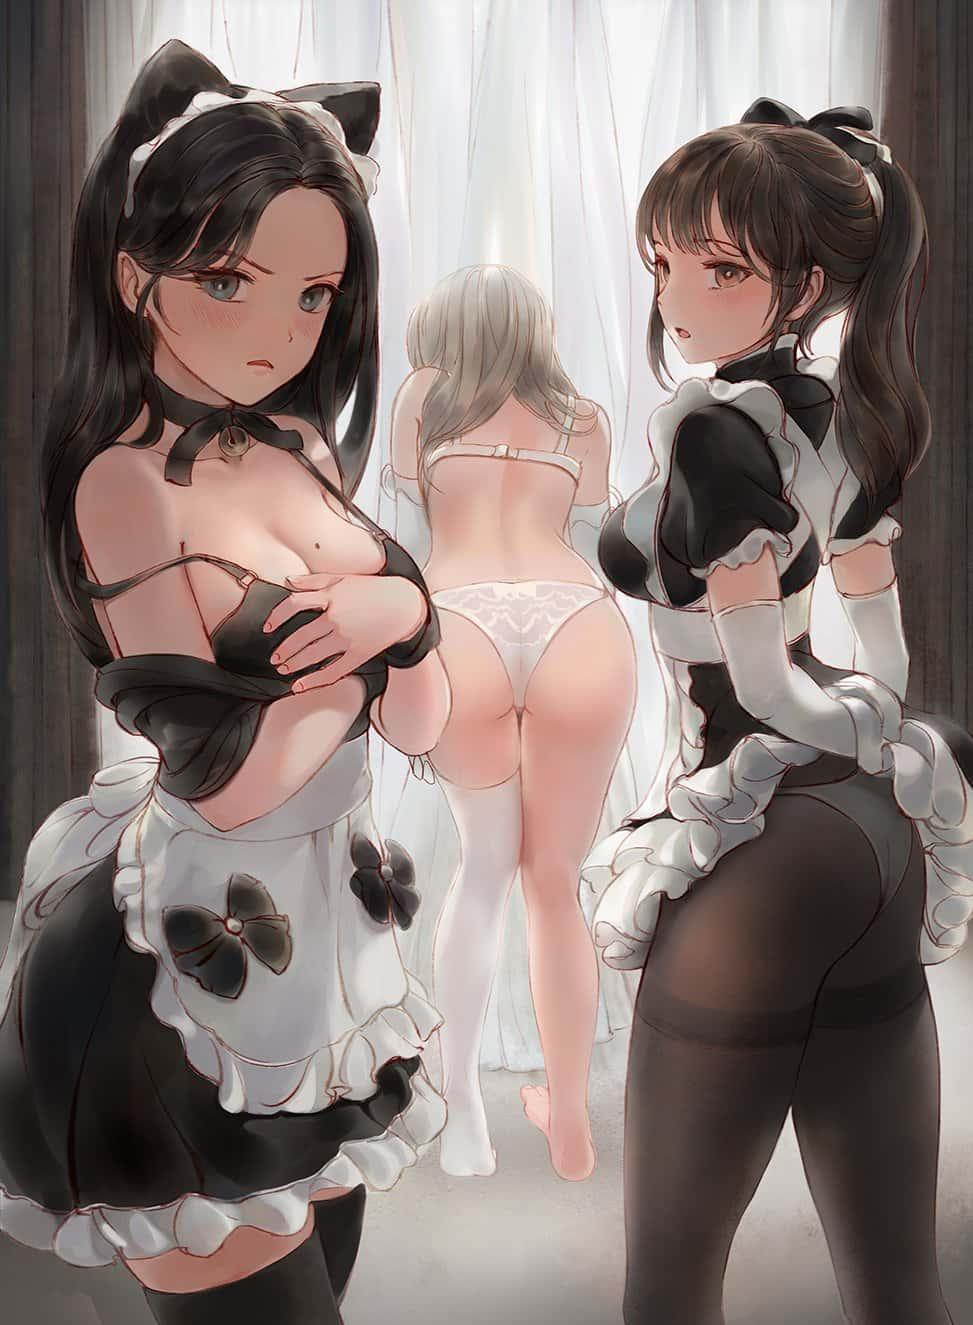 hentaim 主観 美少女225 - 【主観】美少女とセックス中のエロ画像:イラスト その7